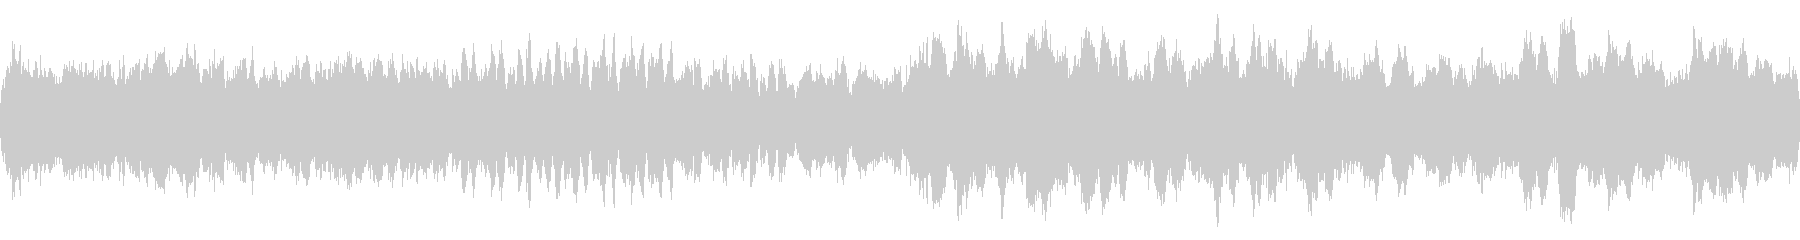 旧版RPG向けオーケストラ曲『悲愴』の未再生の波形